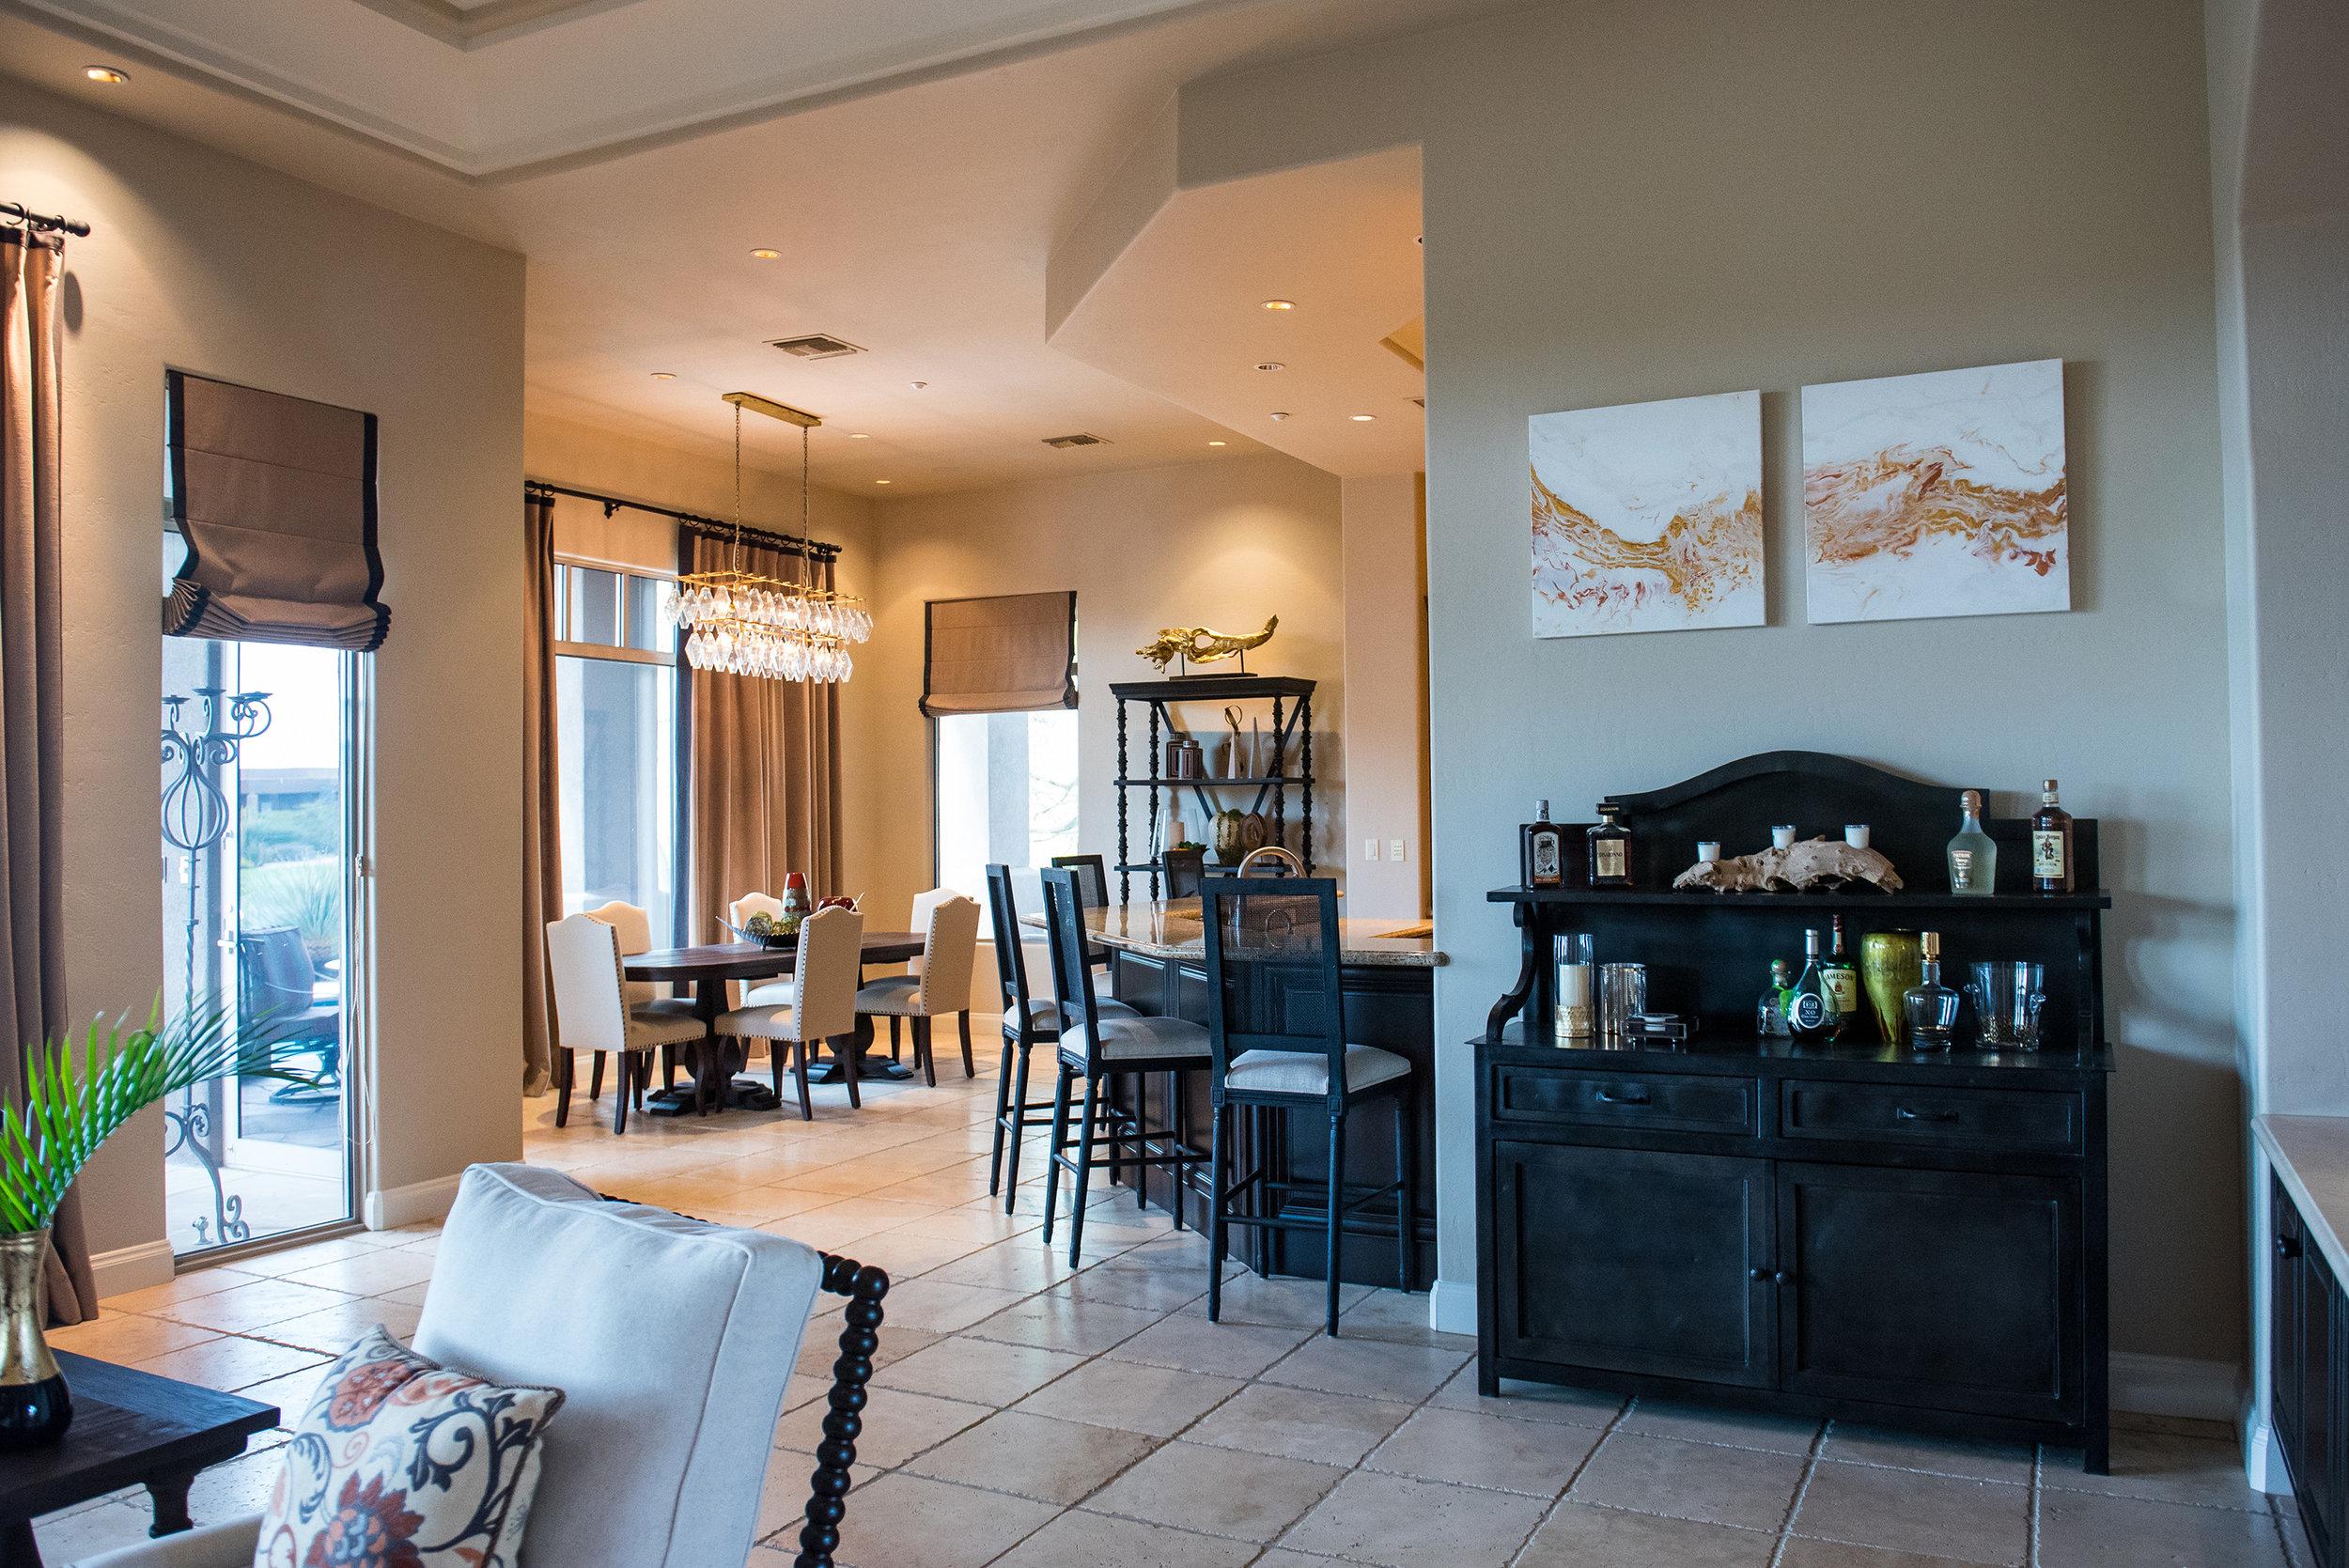 2 - Bar+Dining+Lighting+Artwork+Accessories+Troon+Scottsdale.jpg